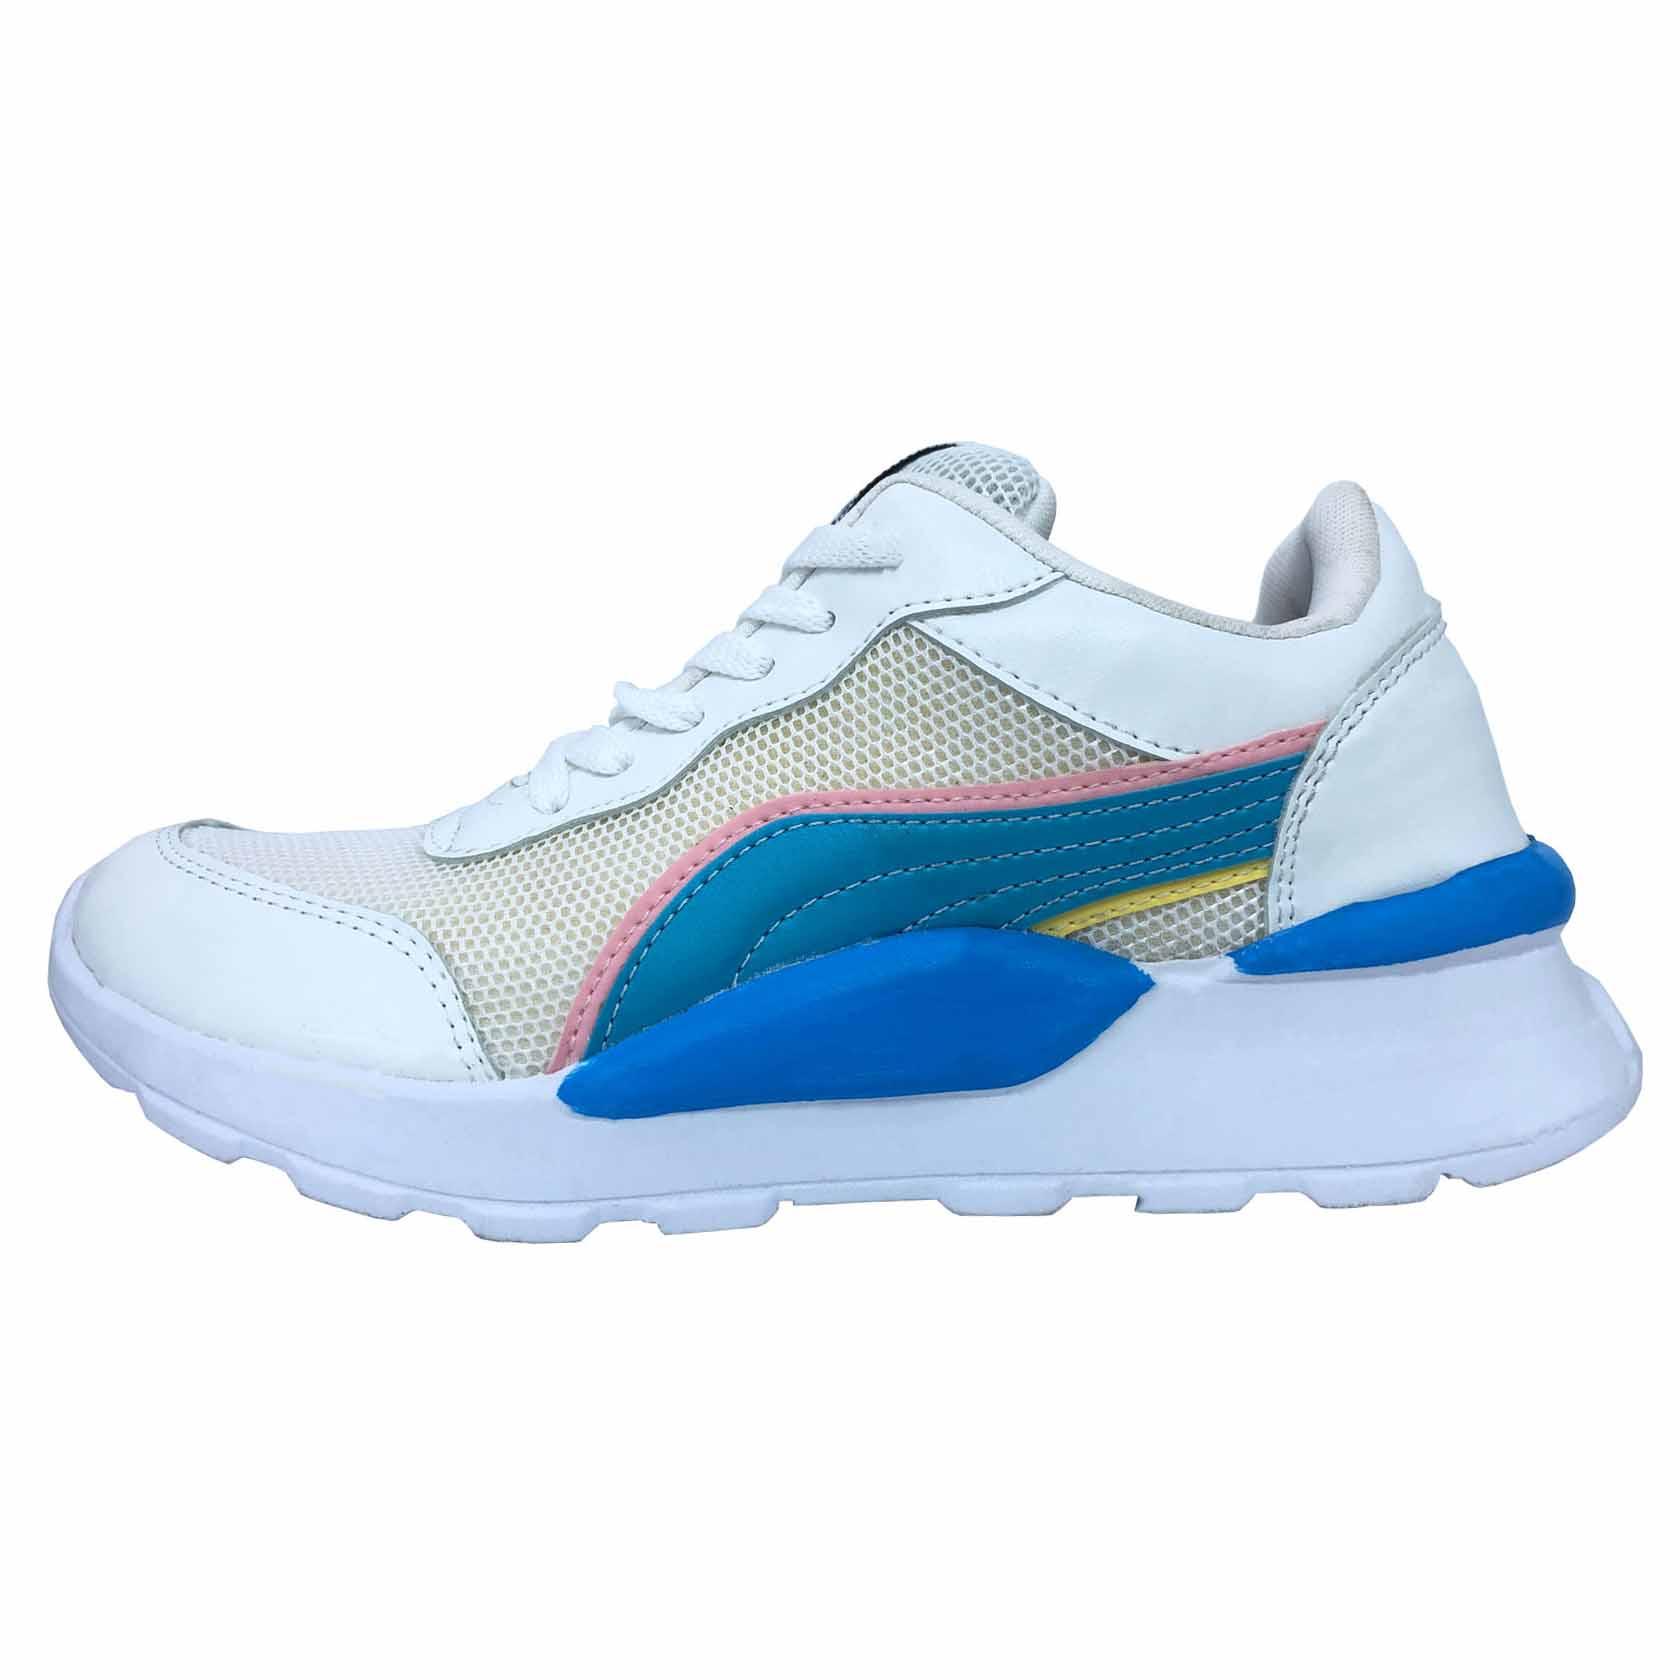 کفش مخصوص پیاده روی زنانه کفش سعیدی کد Go 4000